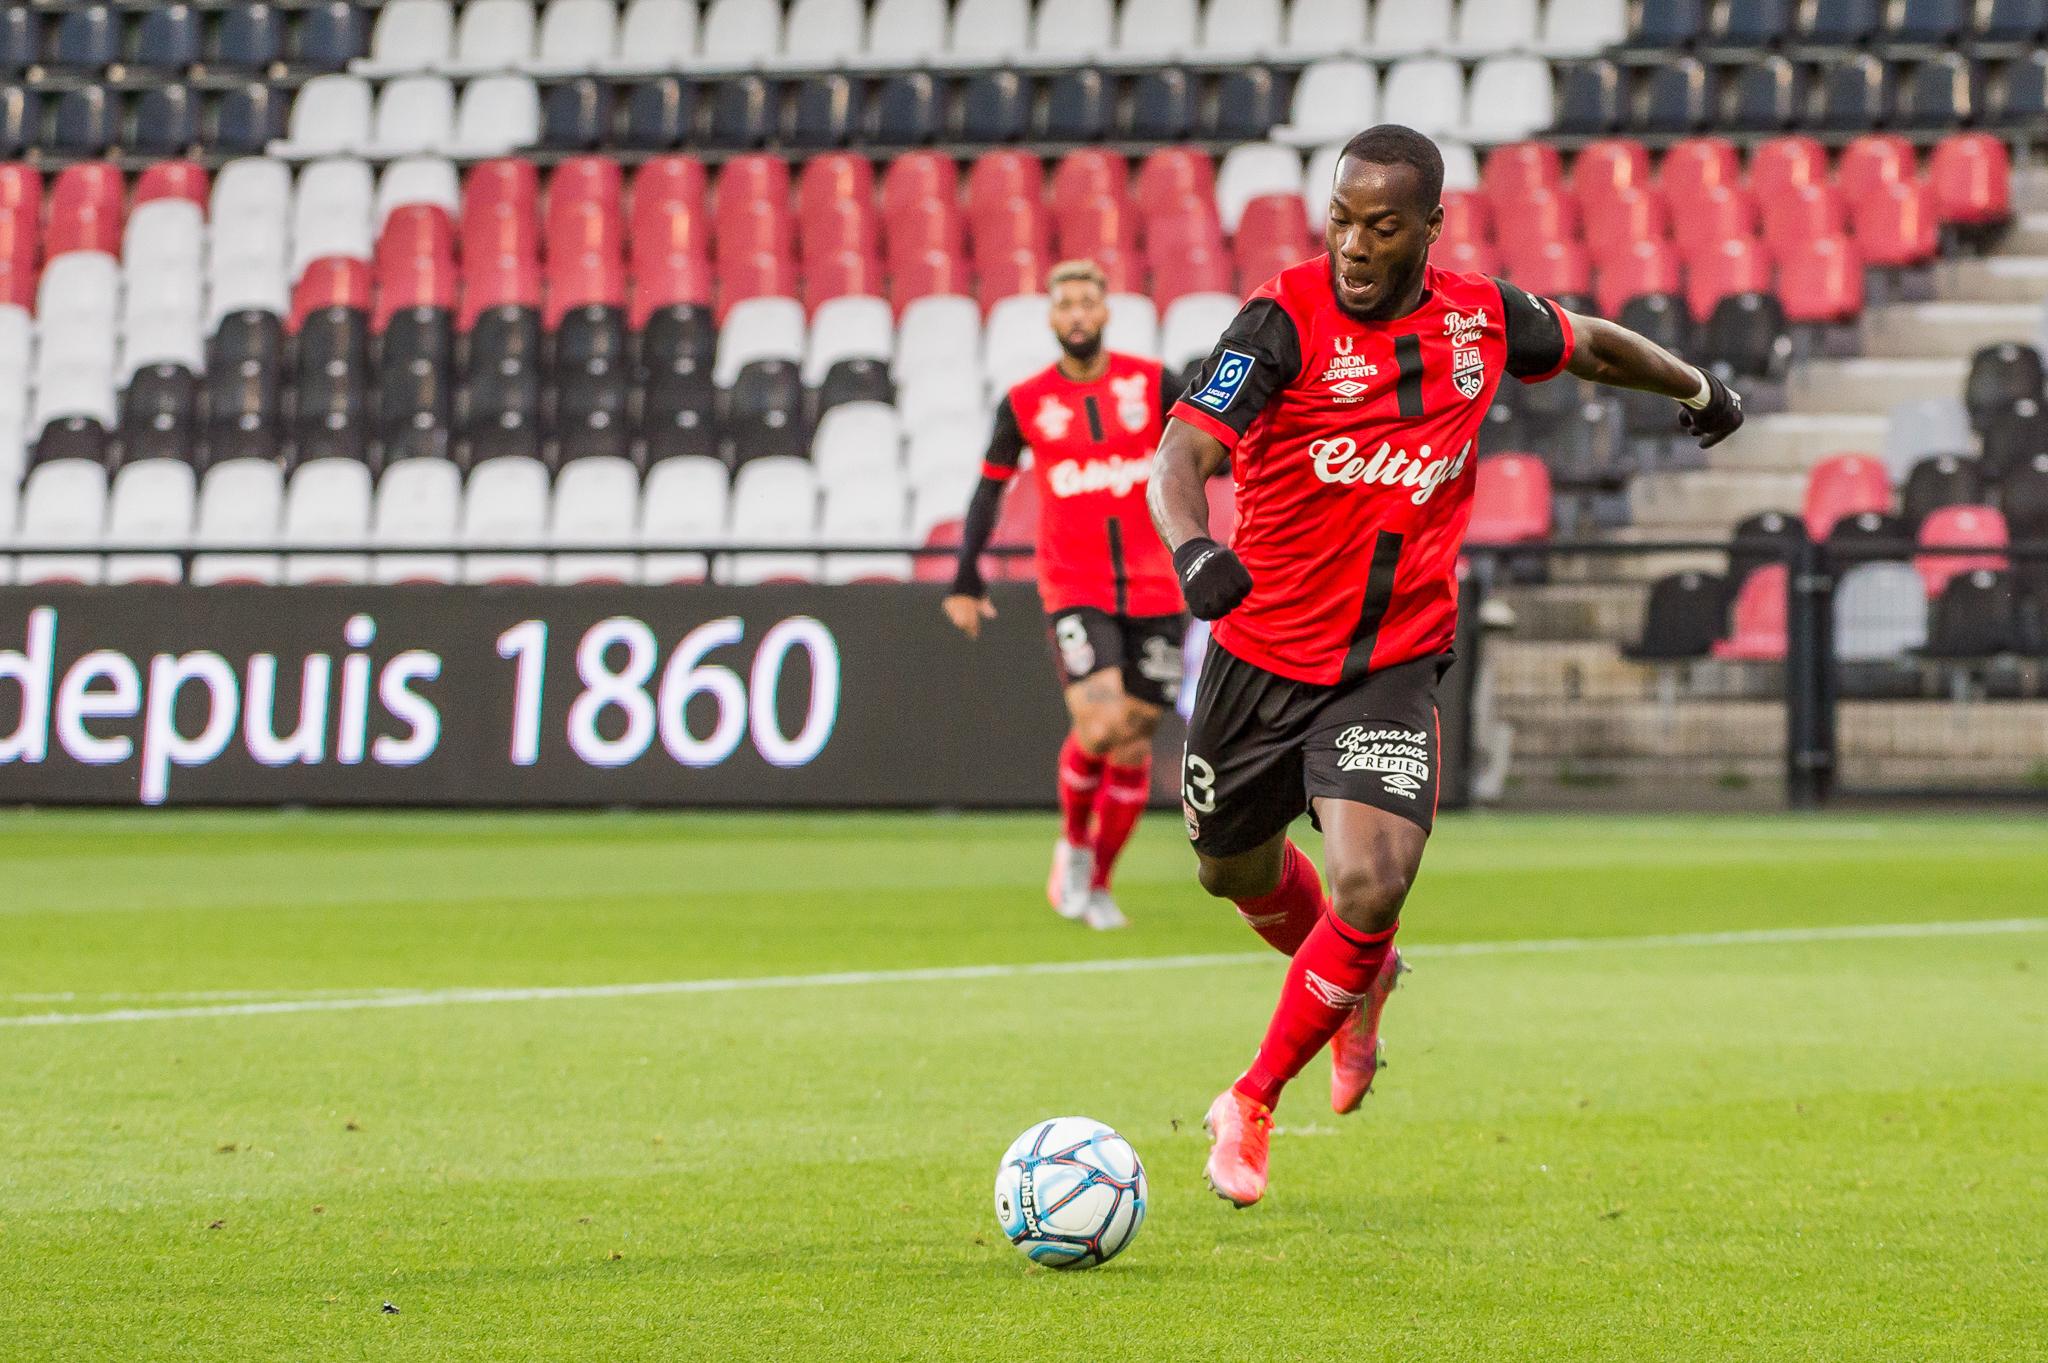 EA Guingamp La Berrichonne Châteauroux J37 Ligue 2 BKT EAGLBC 2-0 Stade de Roudourou FRA_5724